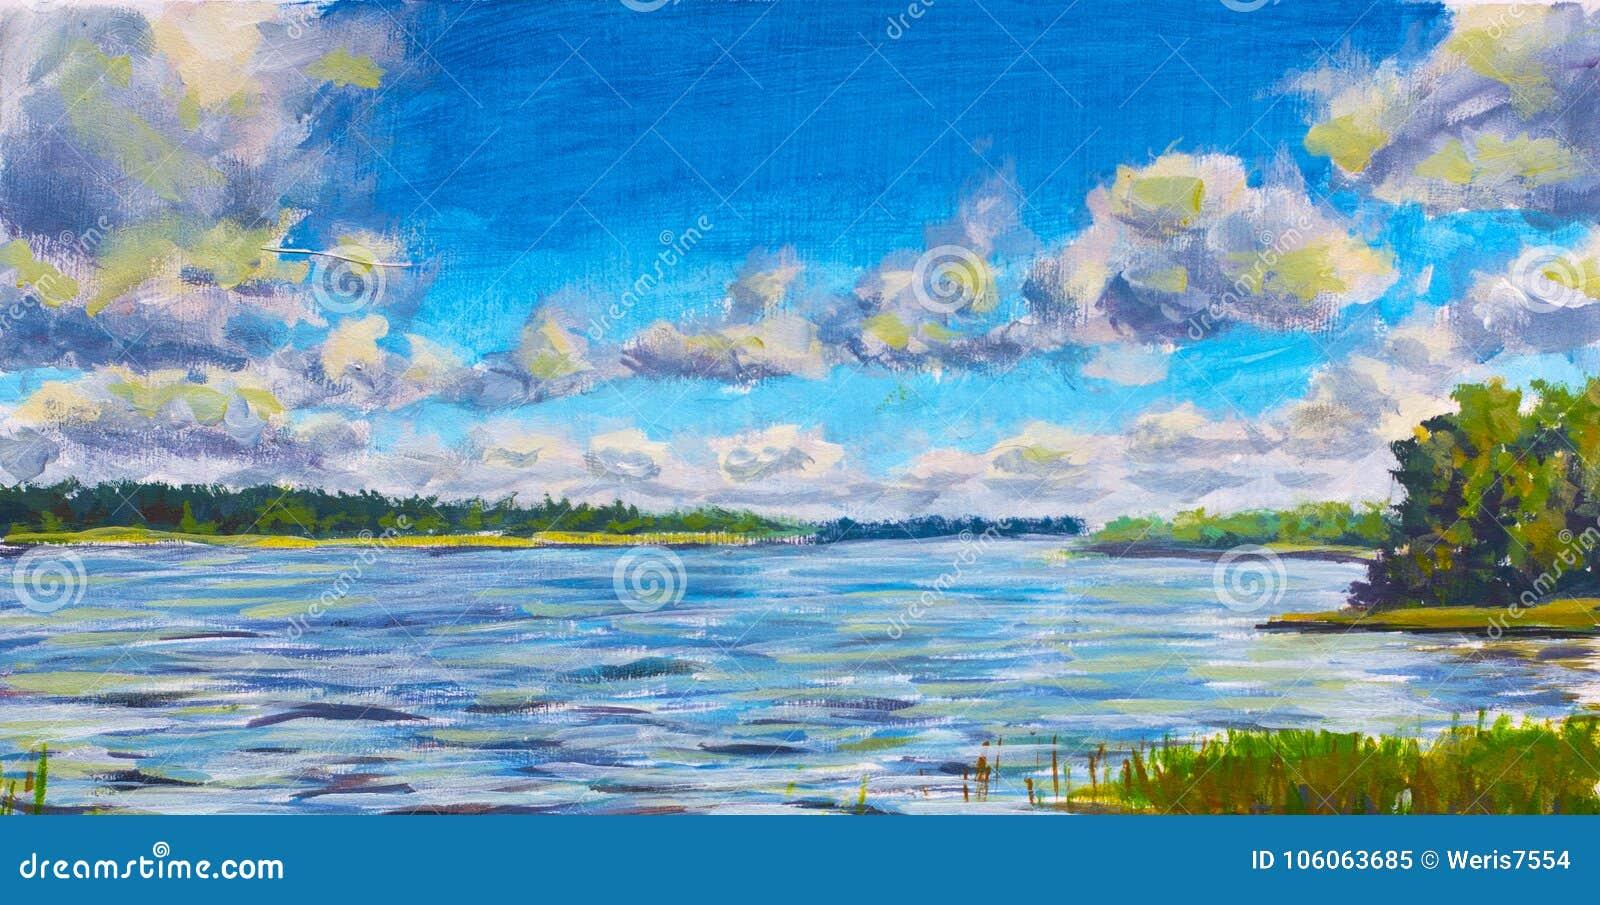 Den härliga purpurfärgade floden, stora moln mot blå himmel, Green River packar ihop, original- olje- målning för den ryska sjön